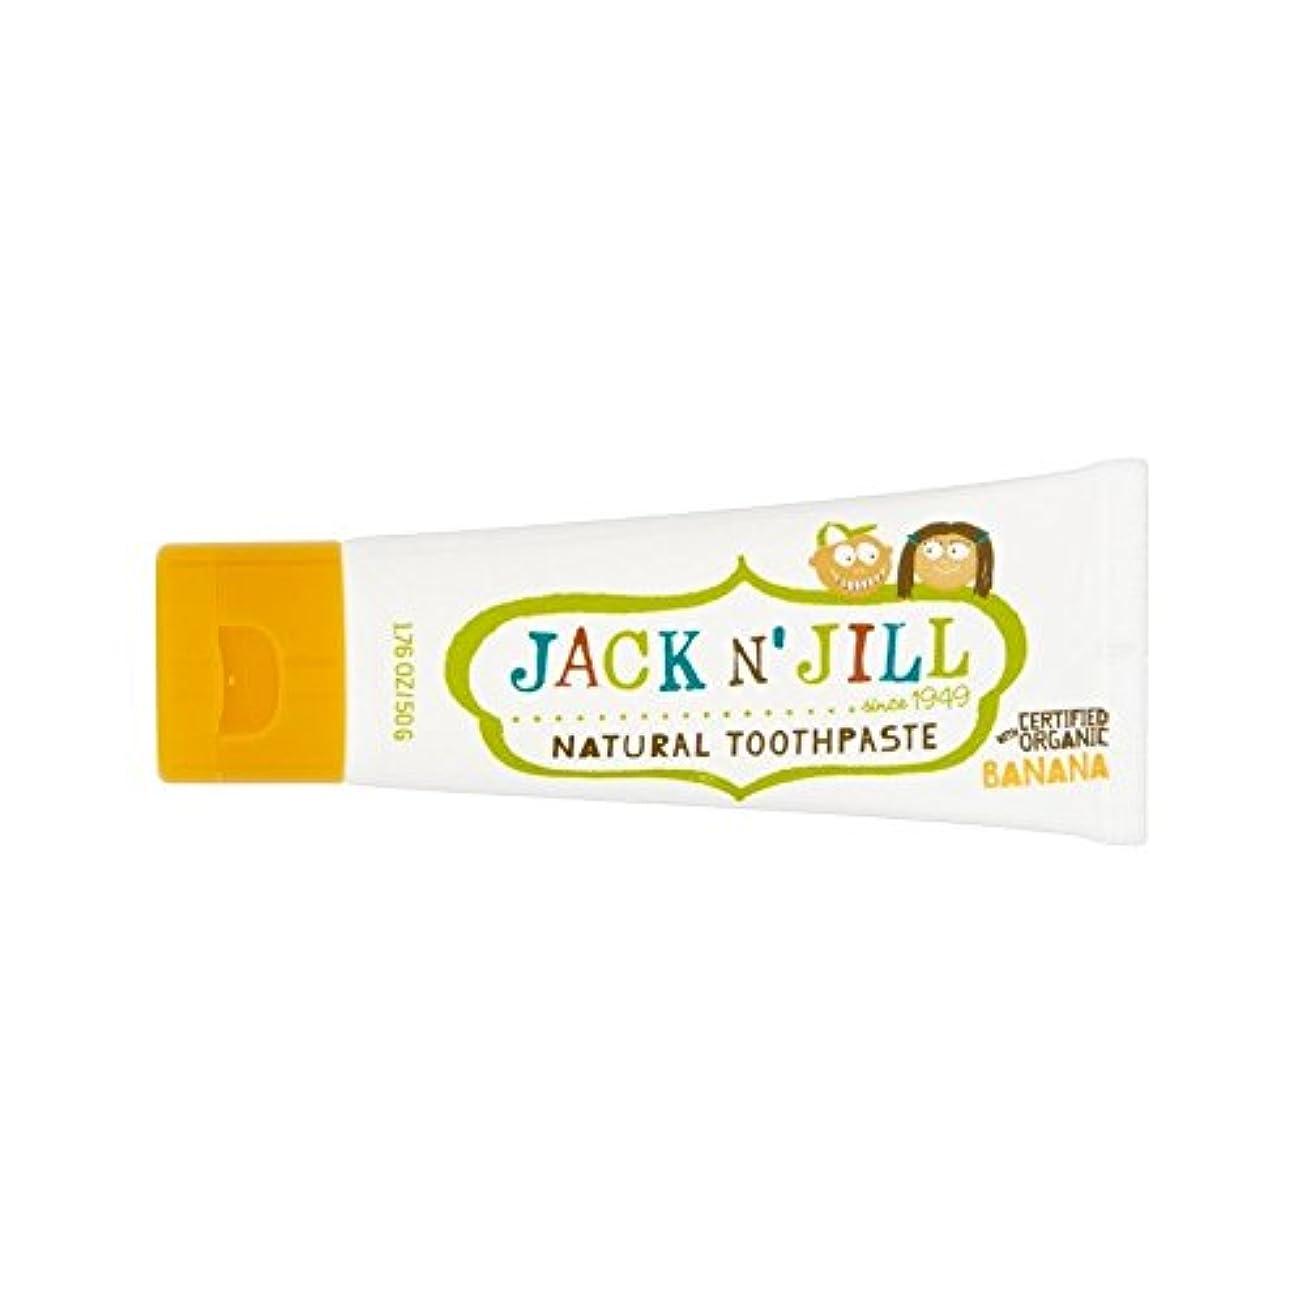 聖域植物学スロー有機香味50グラムと自然バナナ歯磨き粉 (Jack N Jill) (x 4) - Jack N' Jill Banana Toothpaste Natural with Organic Flavouring 50g (...